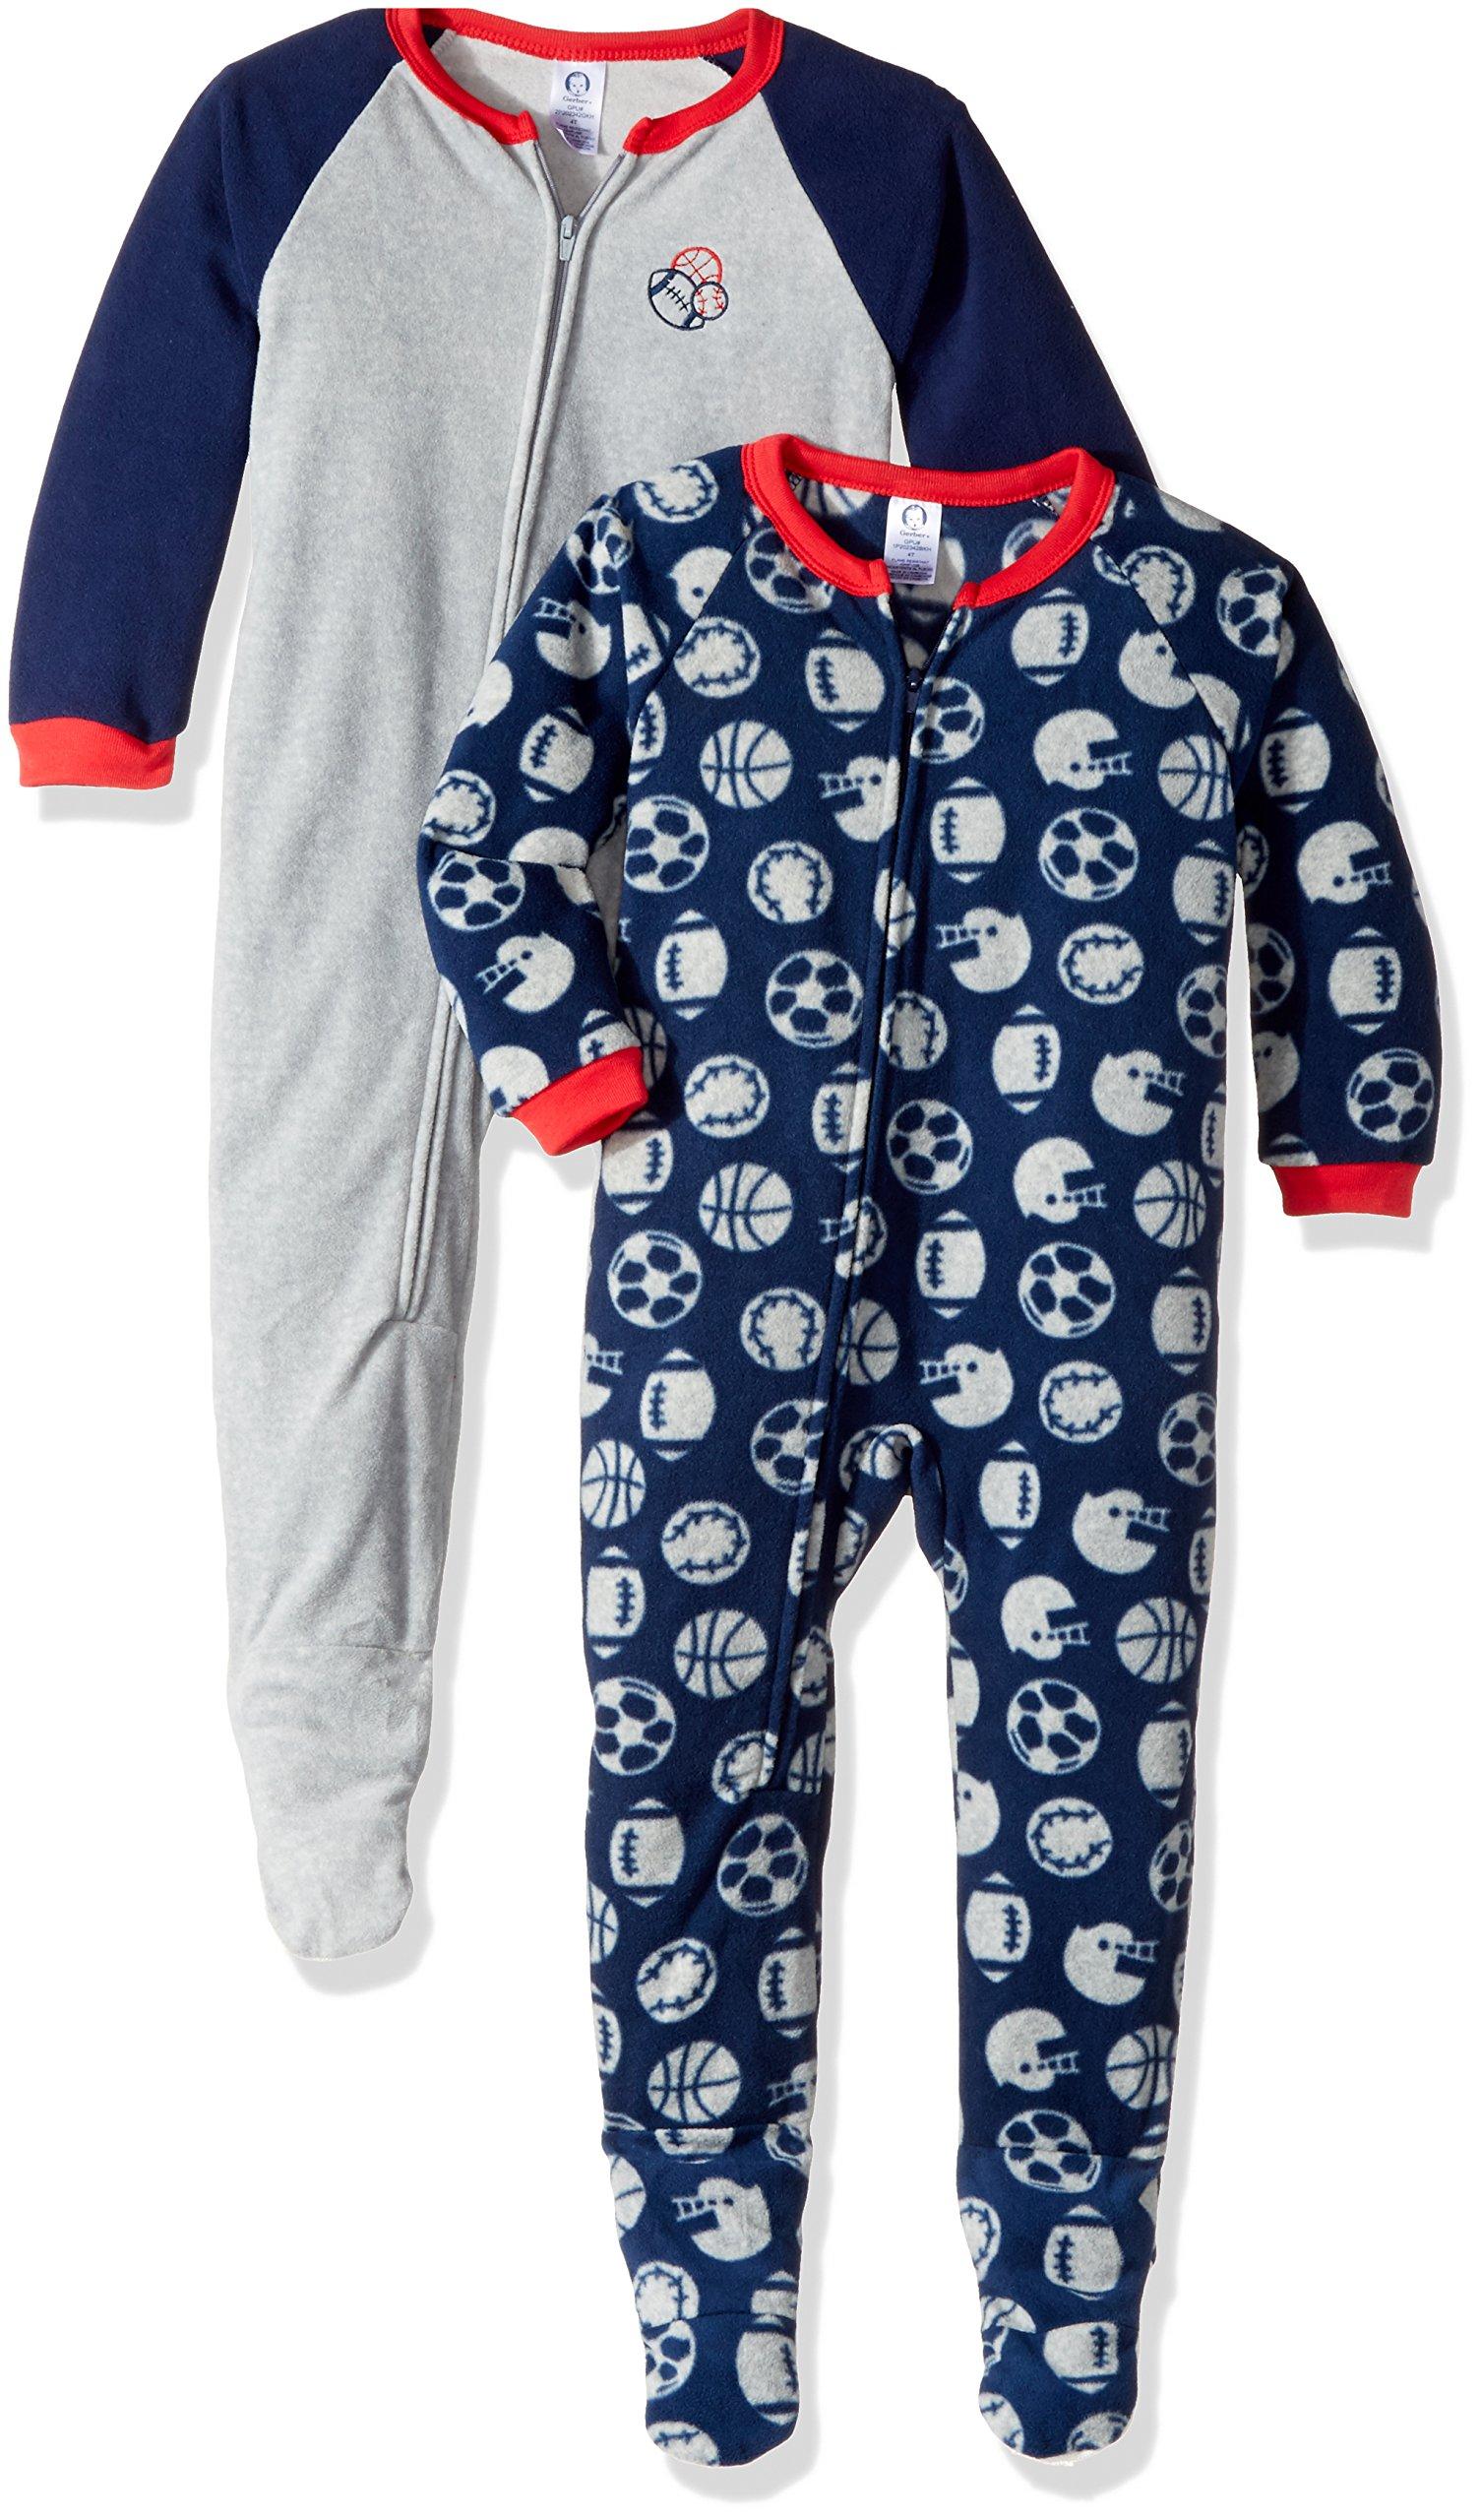 b226eeb246c2 Best Rated in Boys  Blanket Sleepers   Helpful Customer Reviews ...